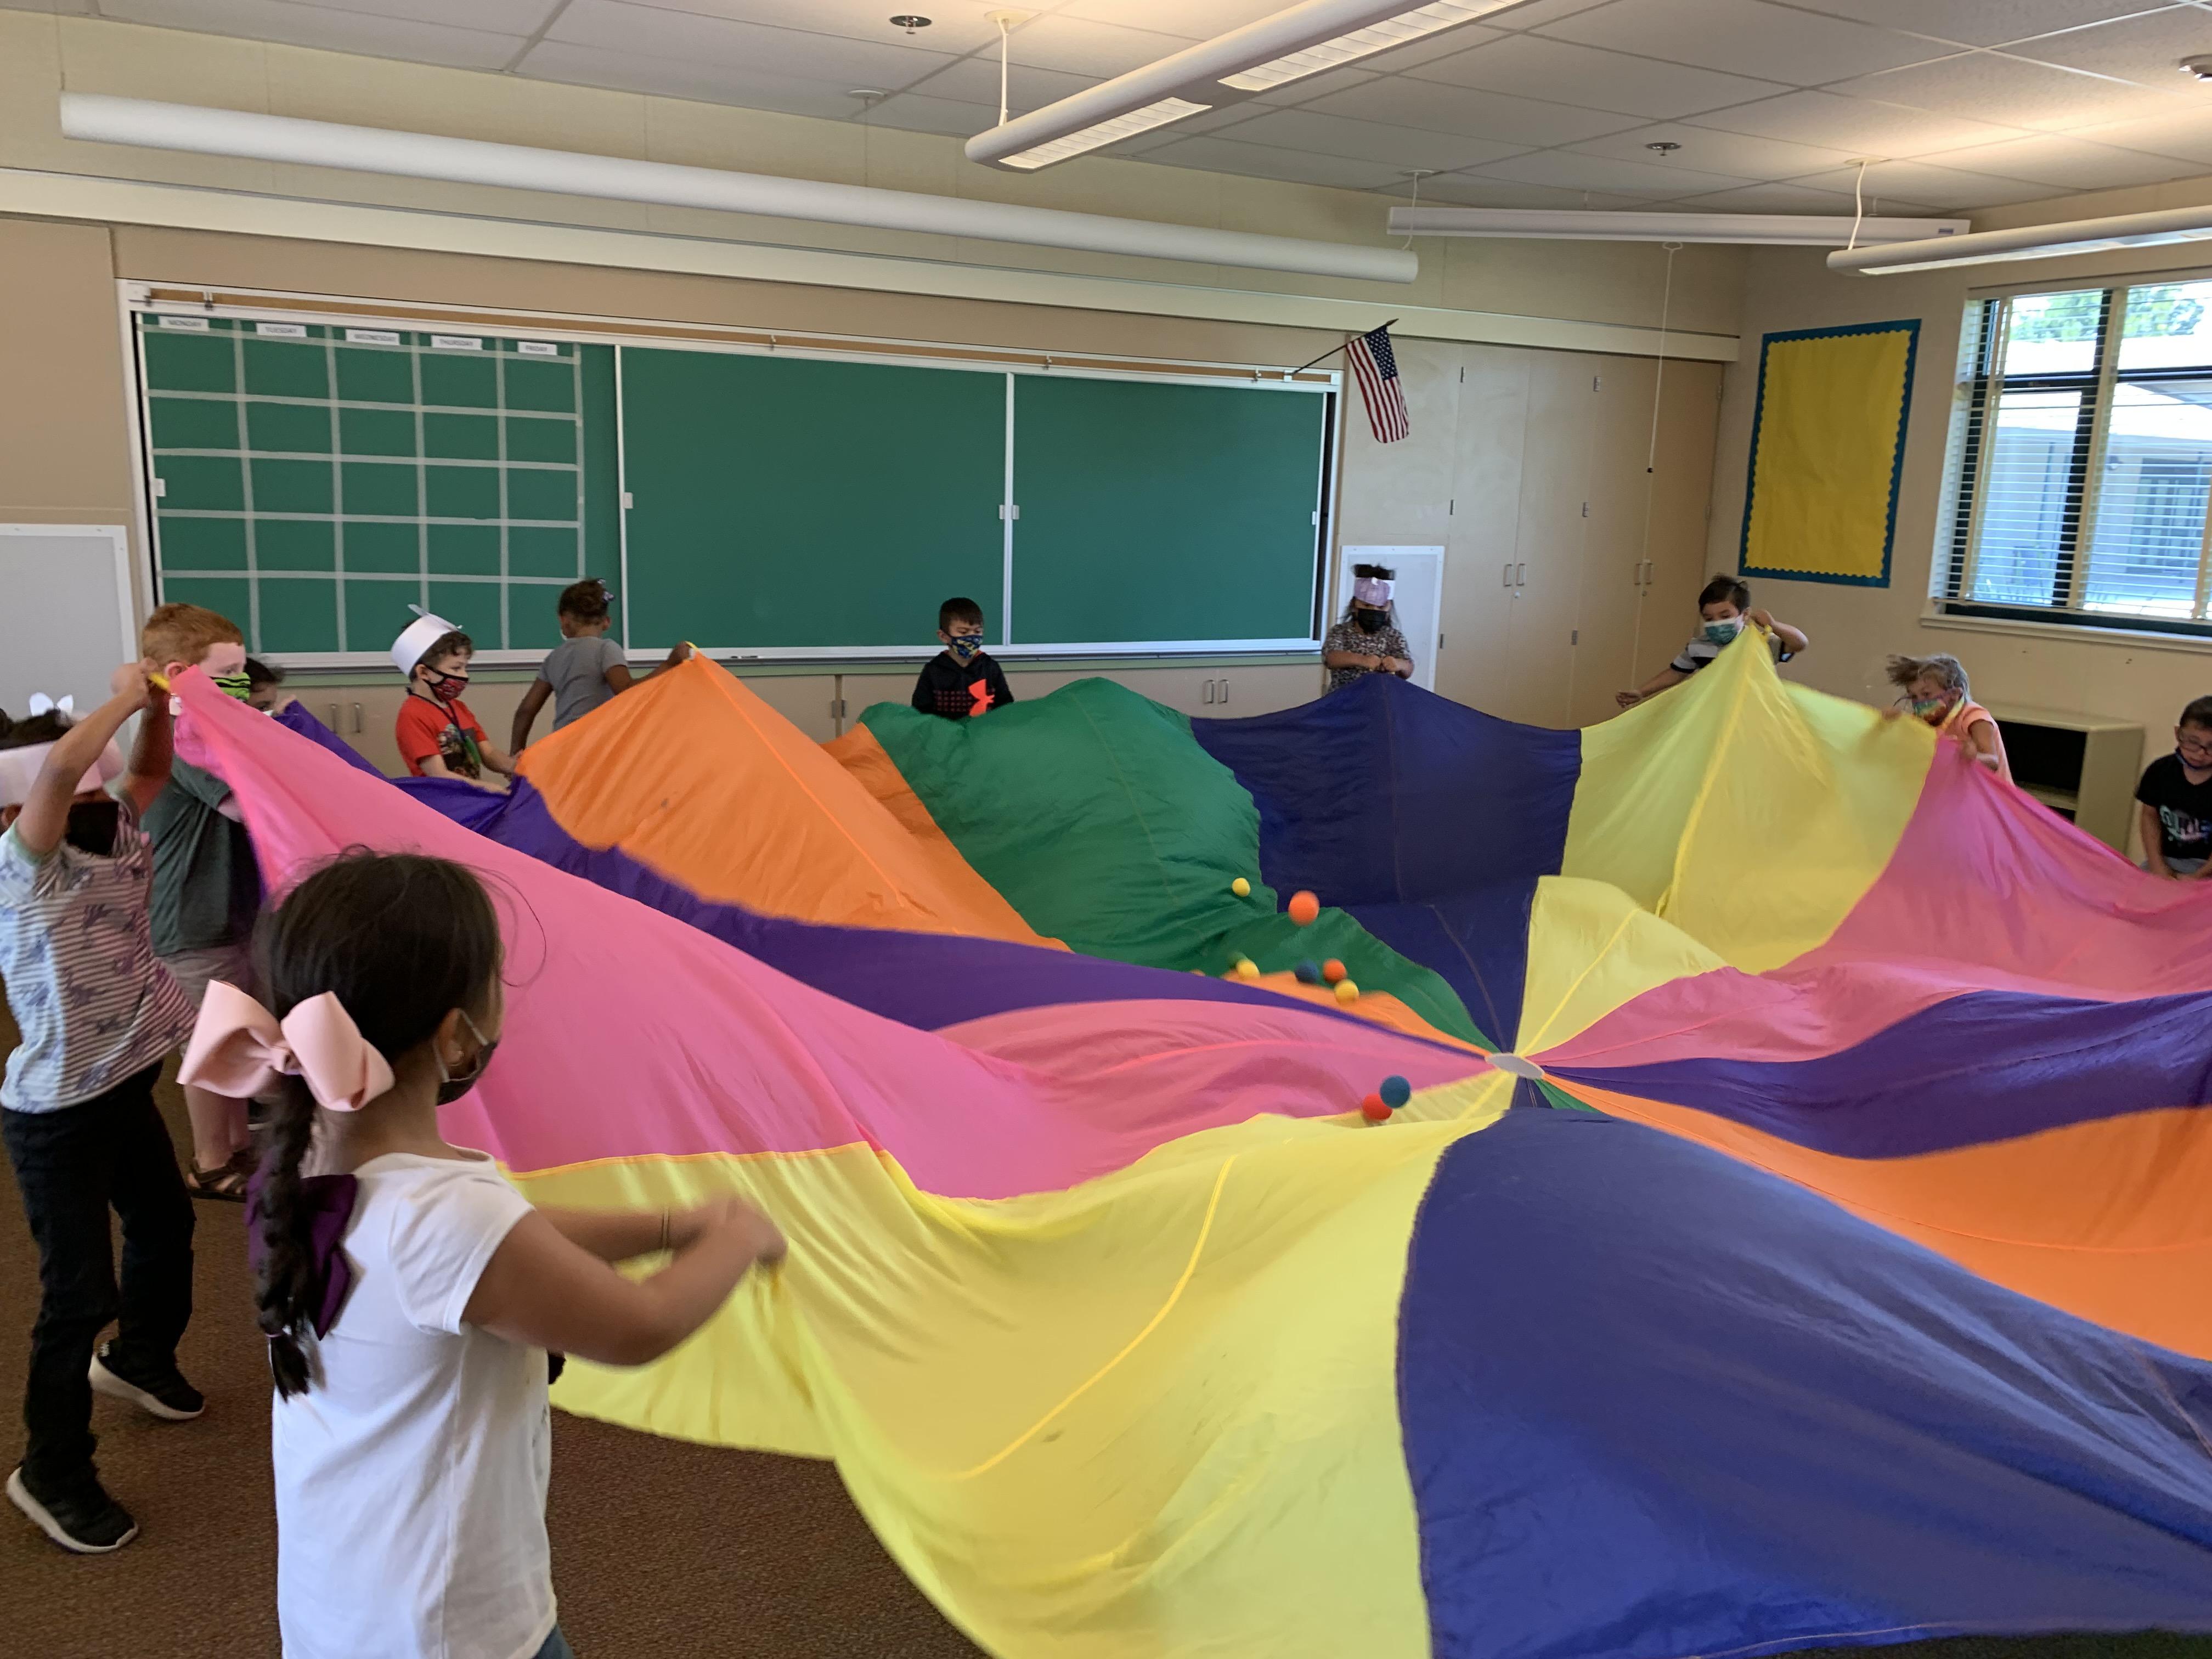 Tk-1st playing parachute